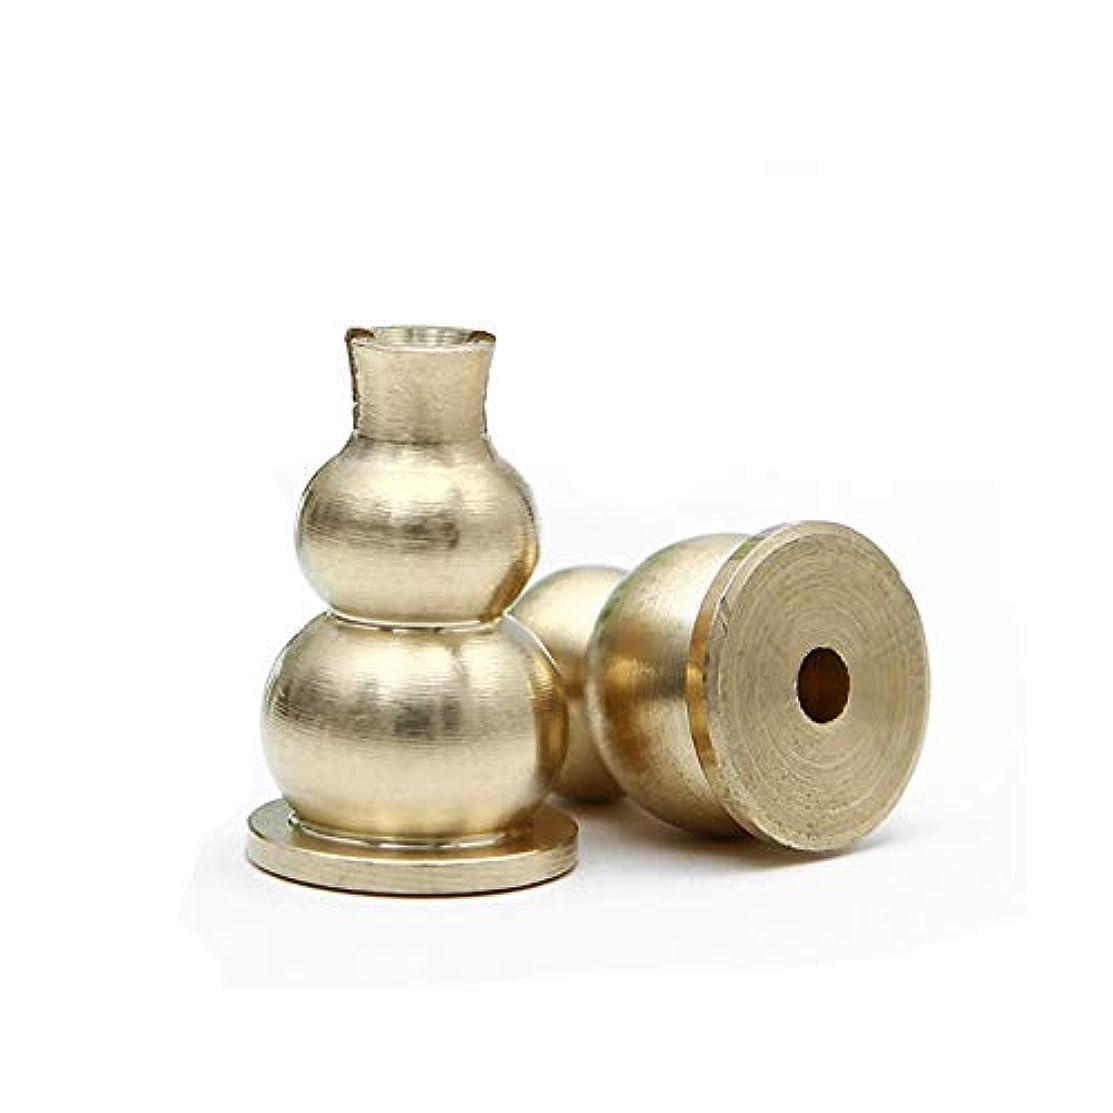 湿気の多い静かにディスカウントafzshg真鍮Mini Incense Holder and Sticksお香バーナーホルダーGourdシェイプイエロー